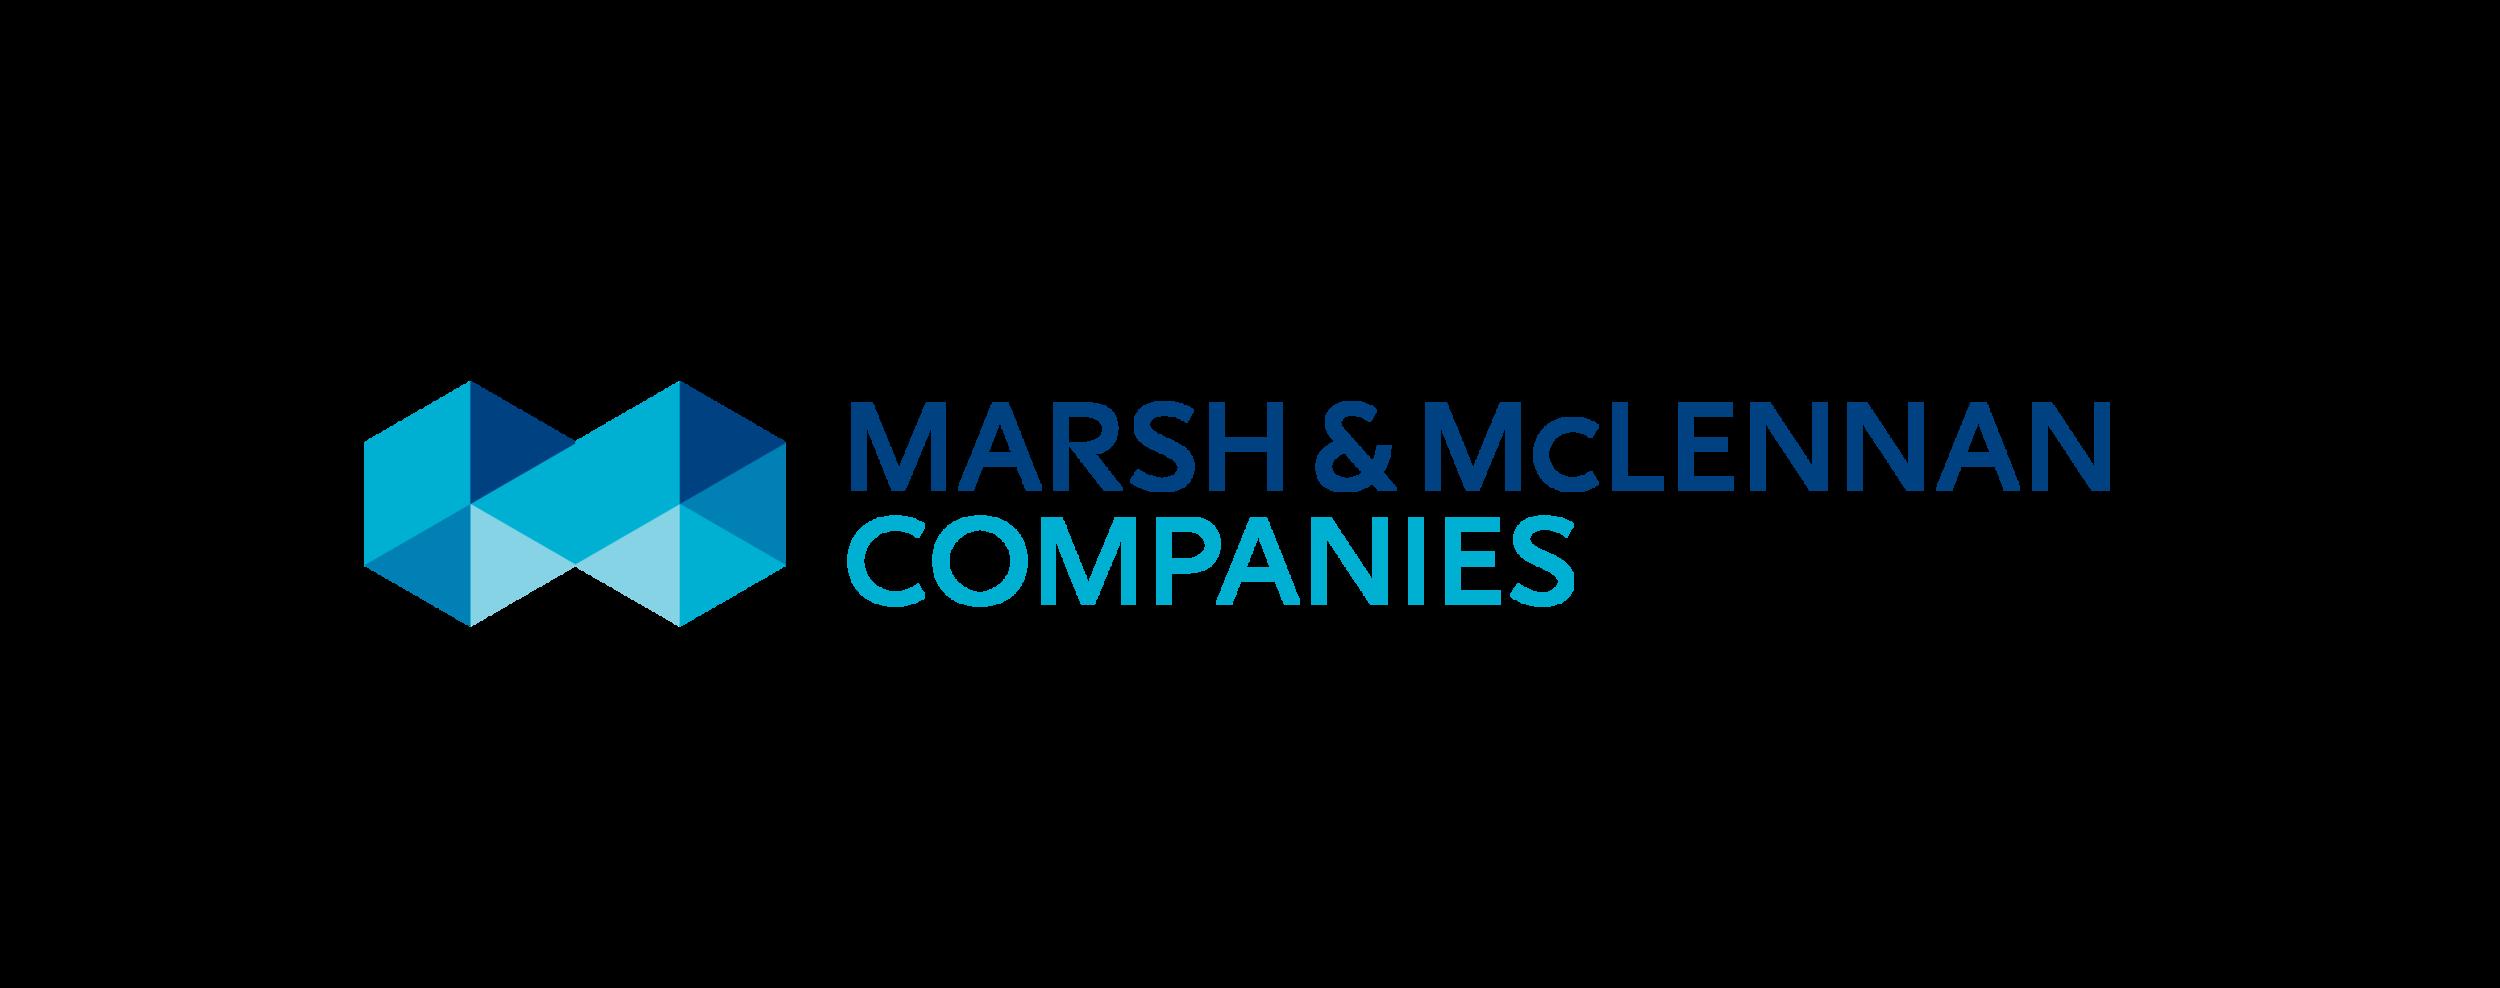 mmc_horizontal_logo-01.png